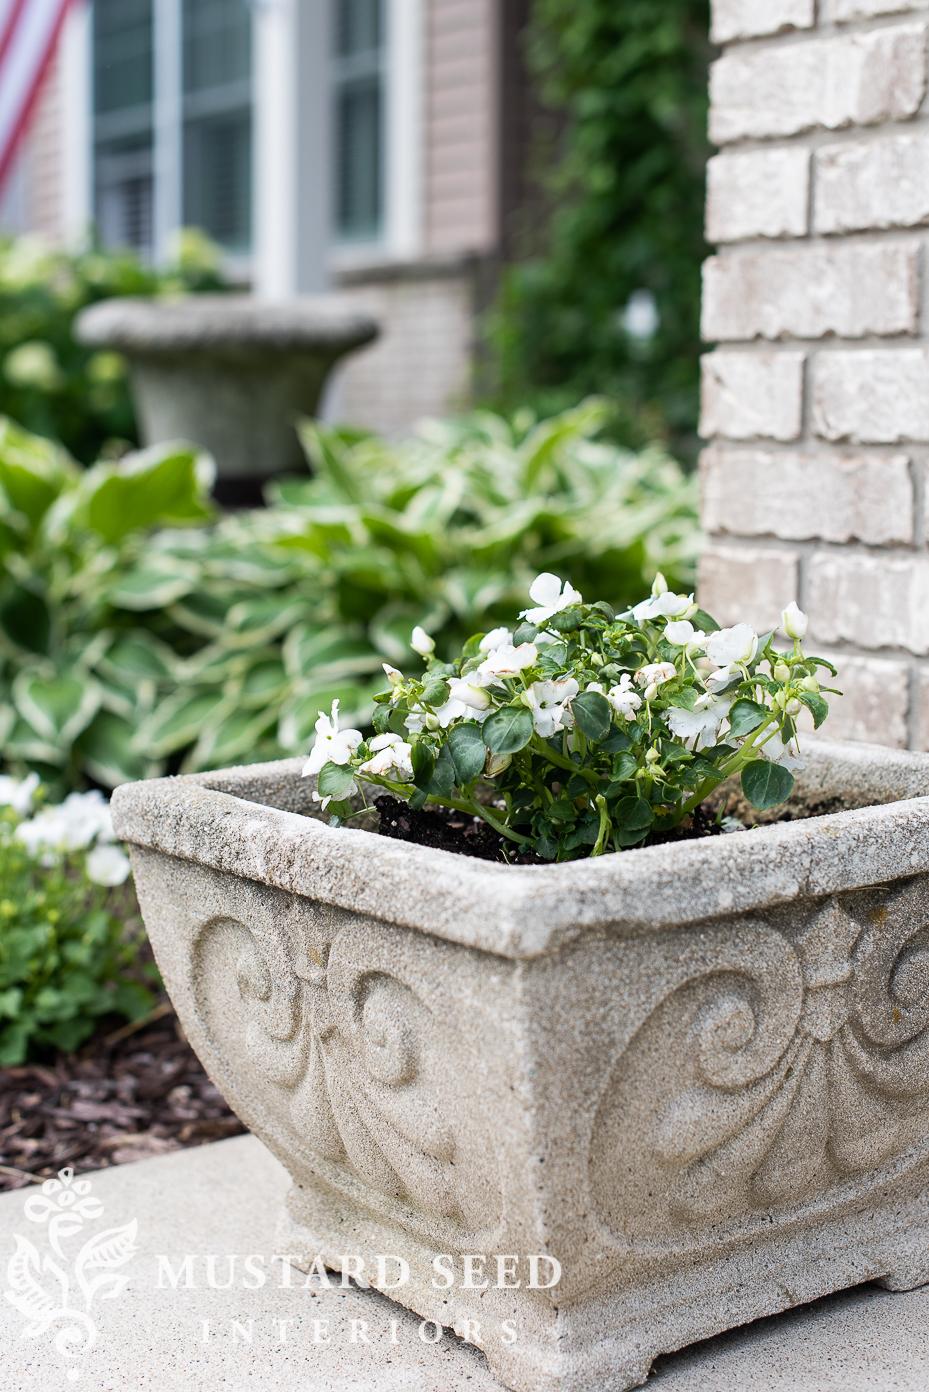 summer 2021 garden update | impatiens | concrete planter | miss mustard seed